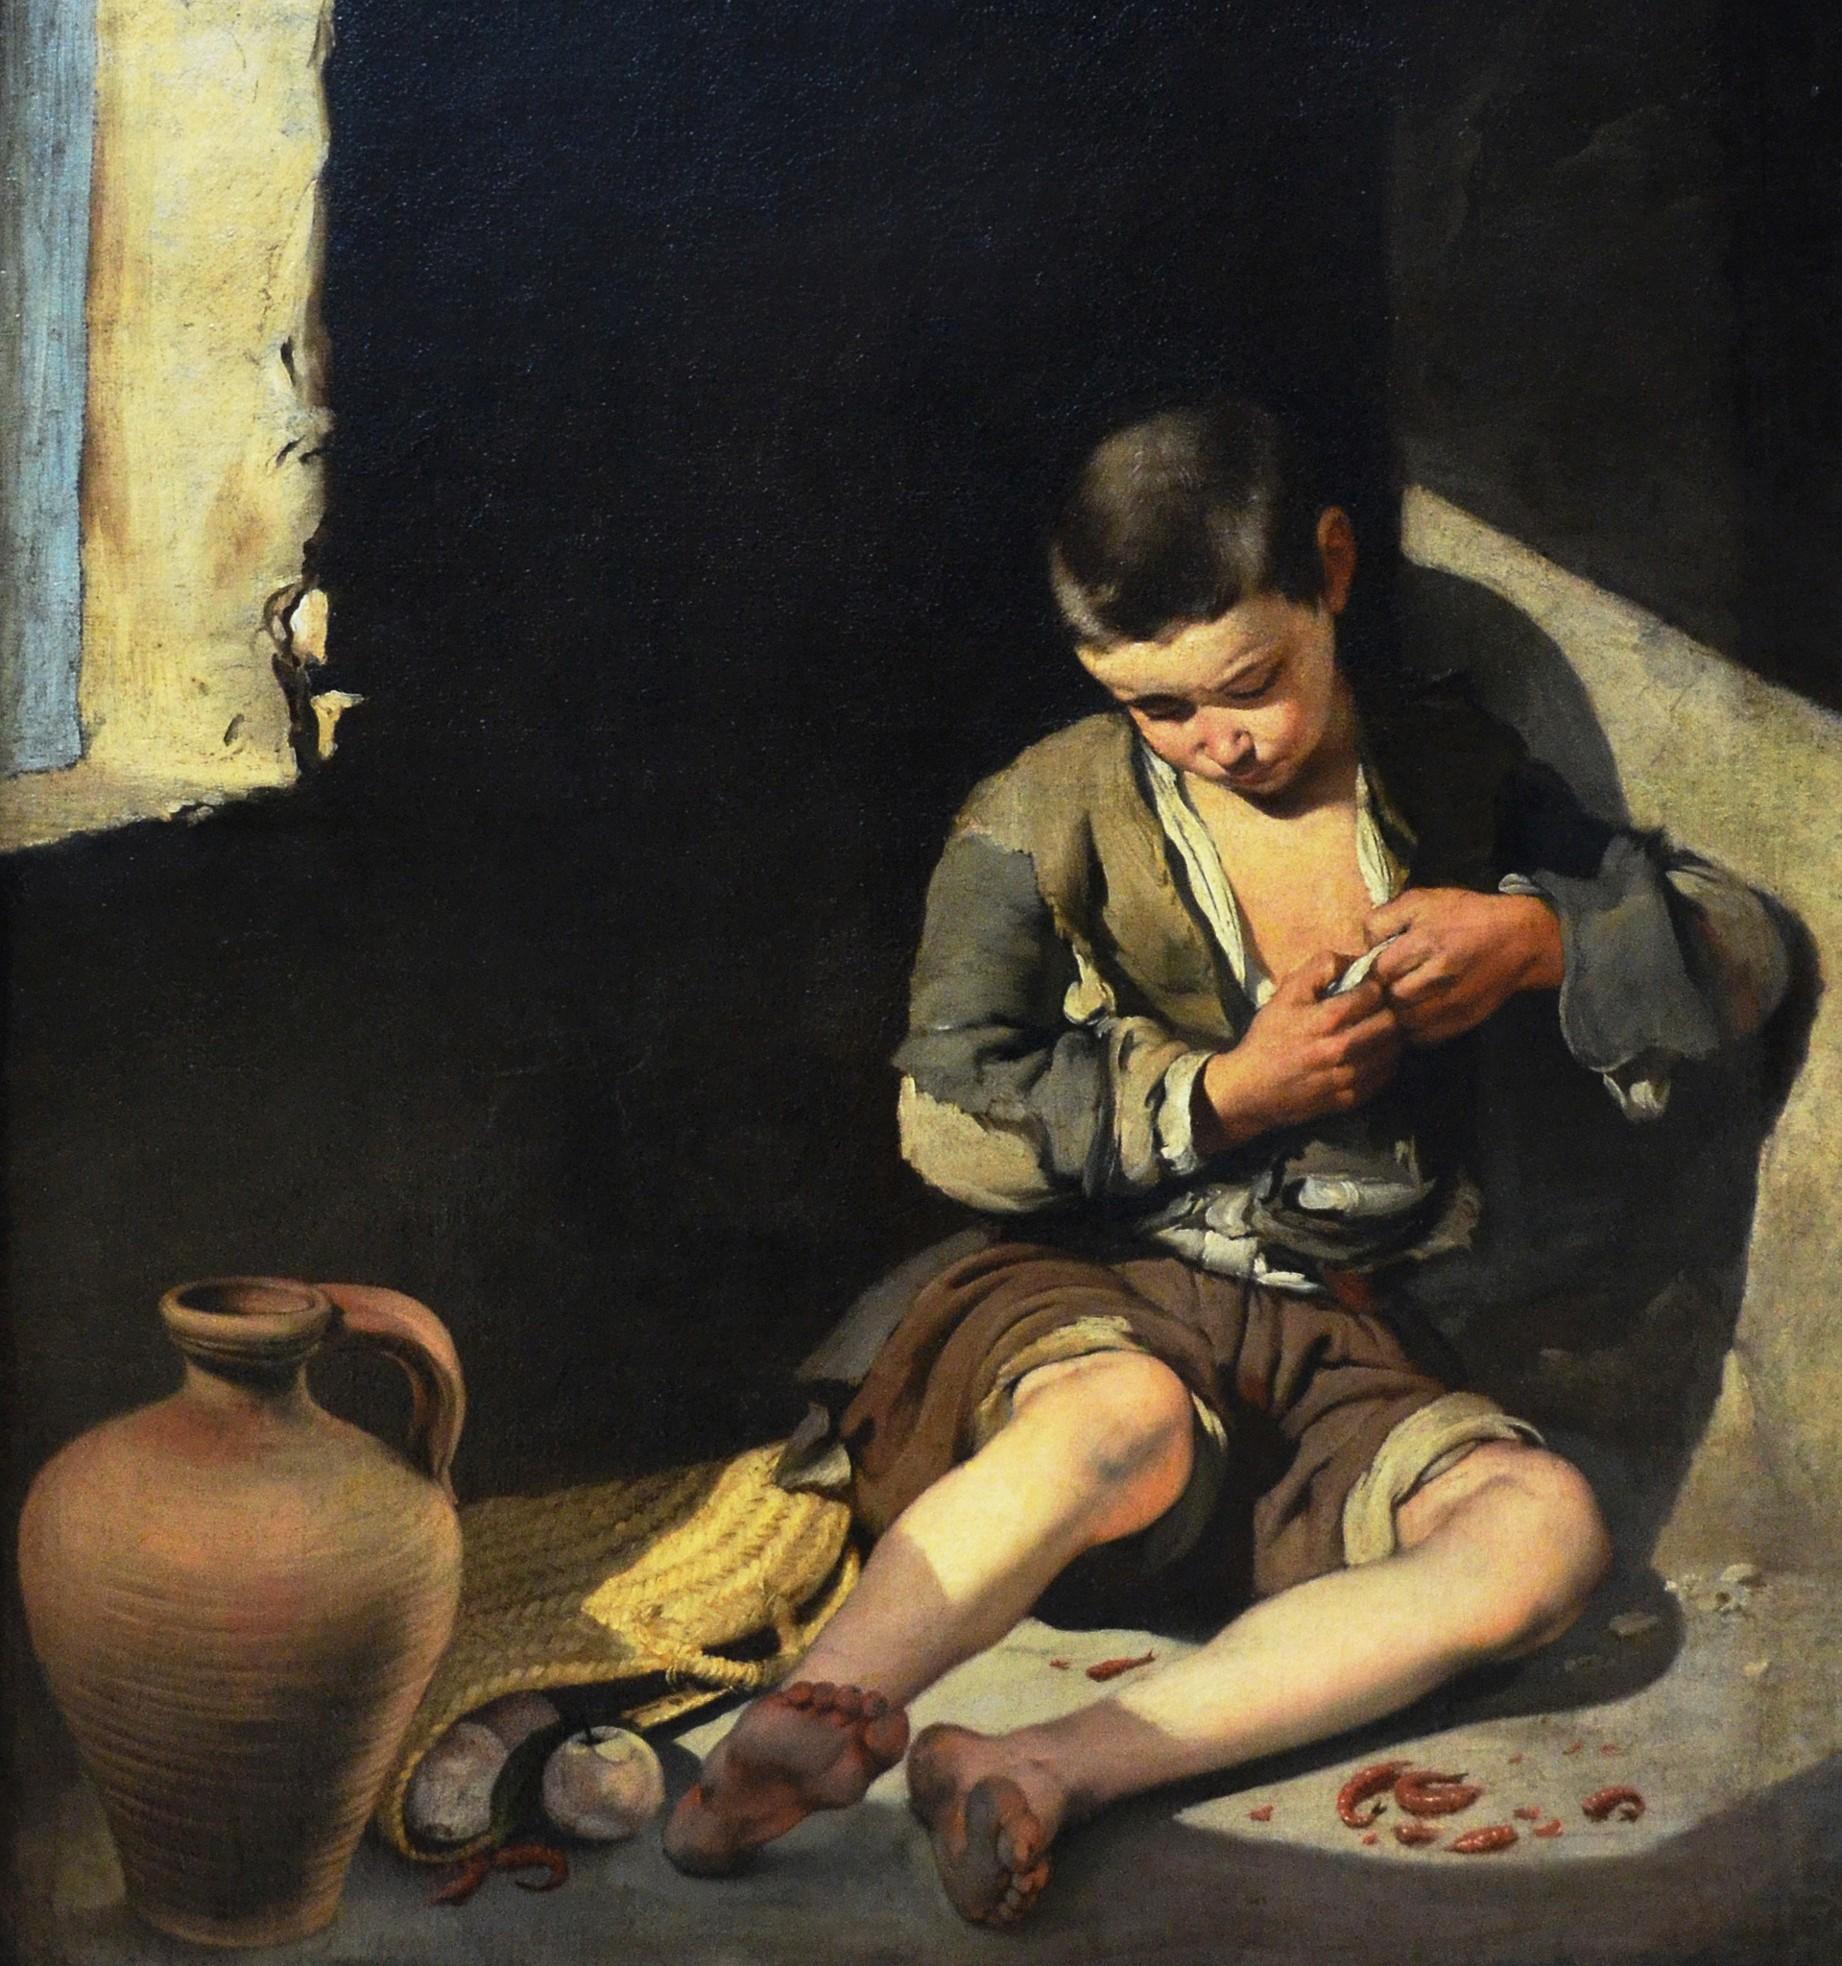 Bartolomé Esteban Murillo, Le Jeune Mendiant, 1645 - 1650, huile sur toile, 137 x 115 cm, musée du Louvre, Paris.